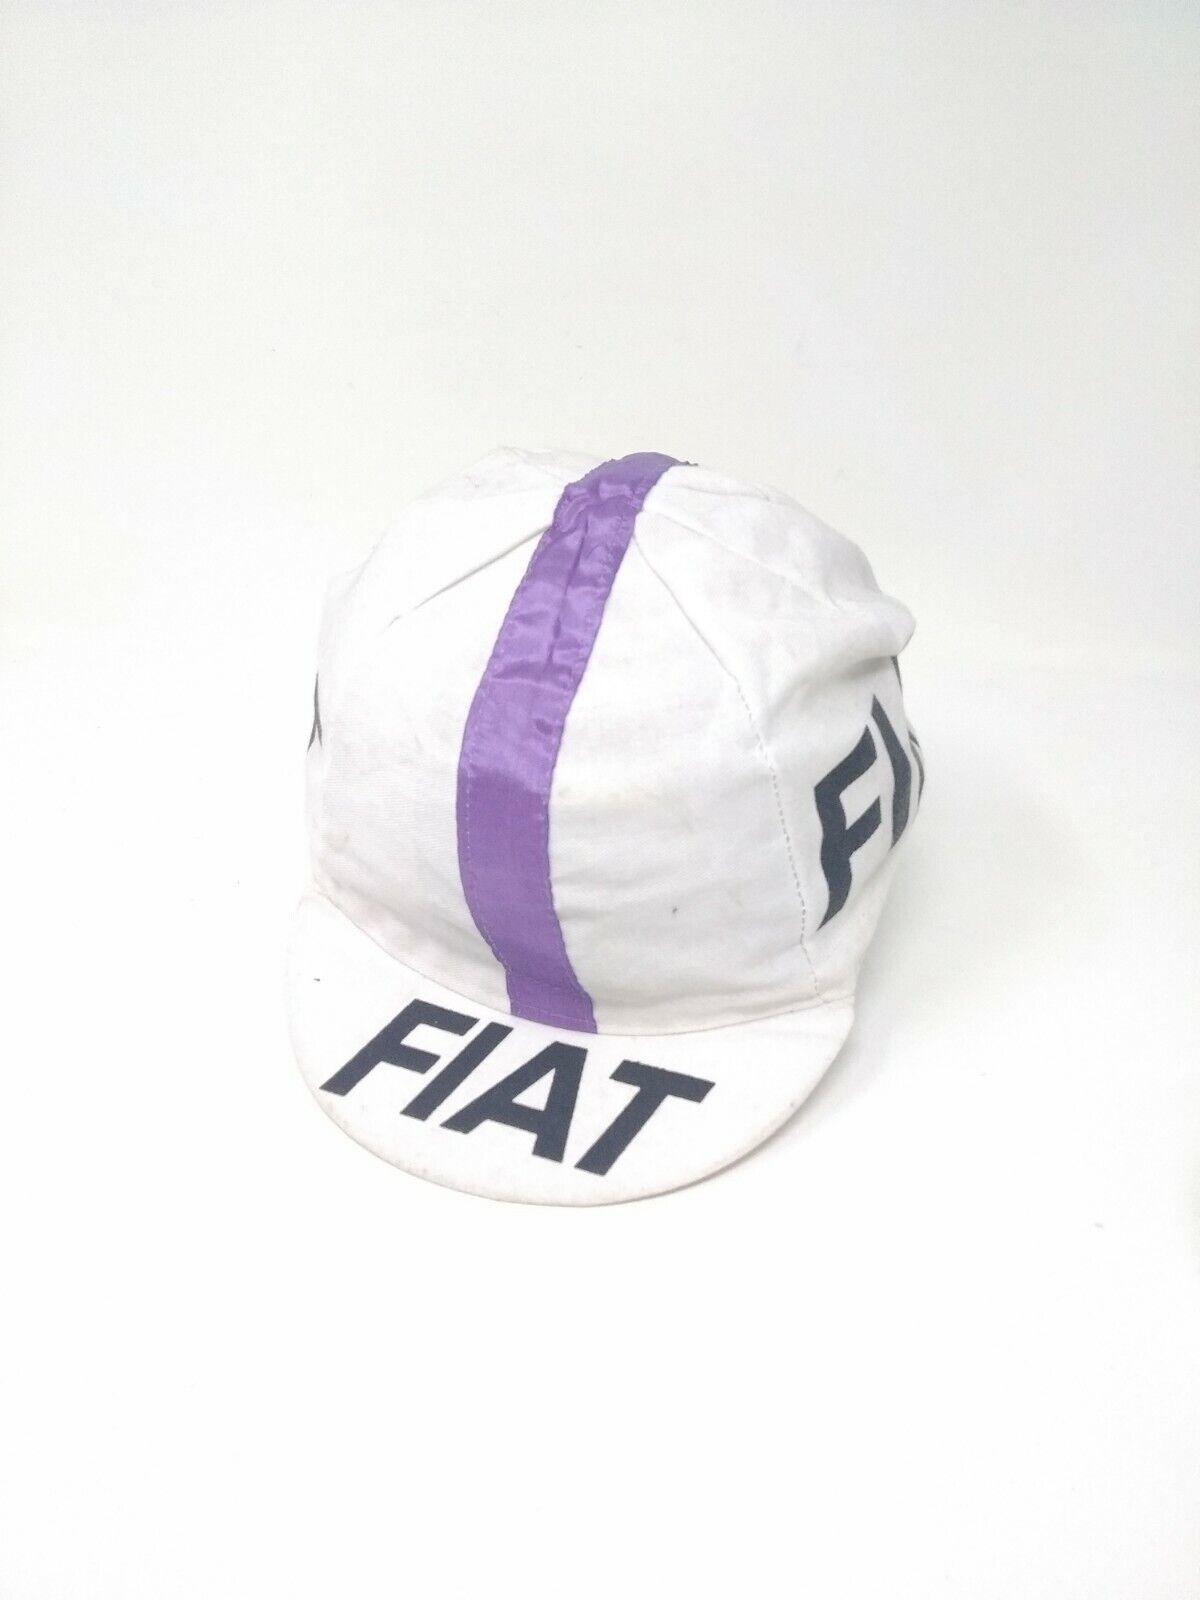 Vintage cappellino ciclismo Cycling hat  Fiat originale original